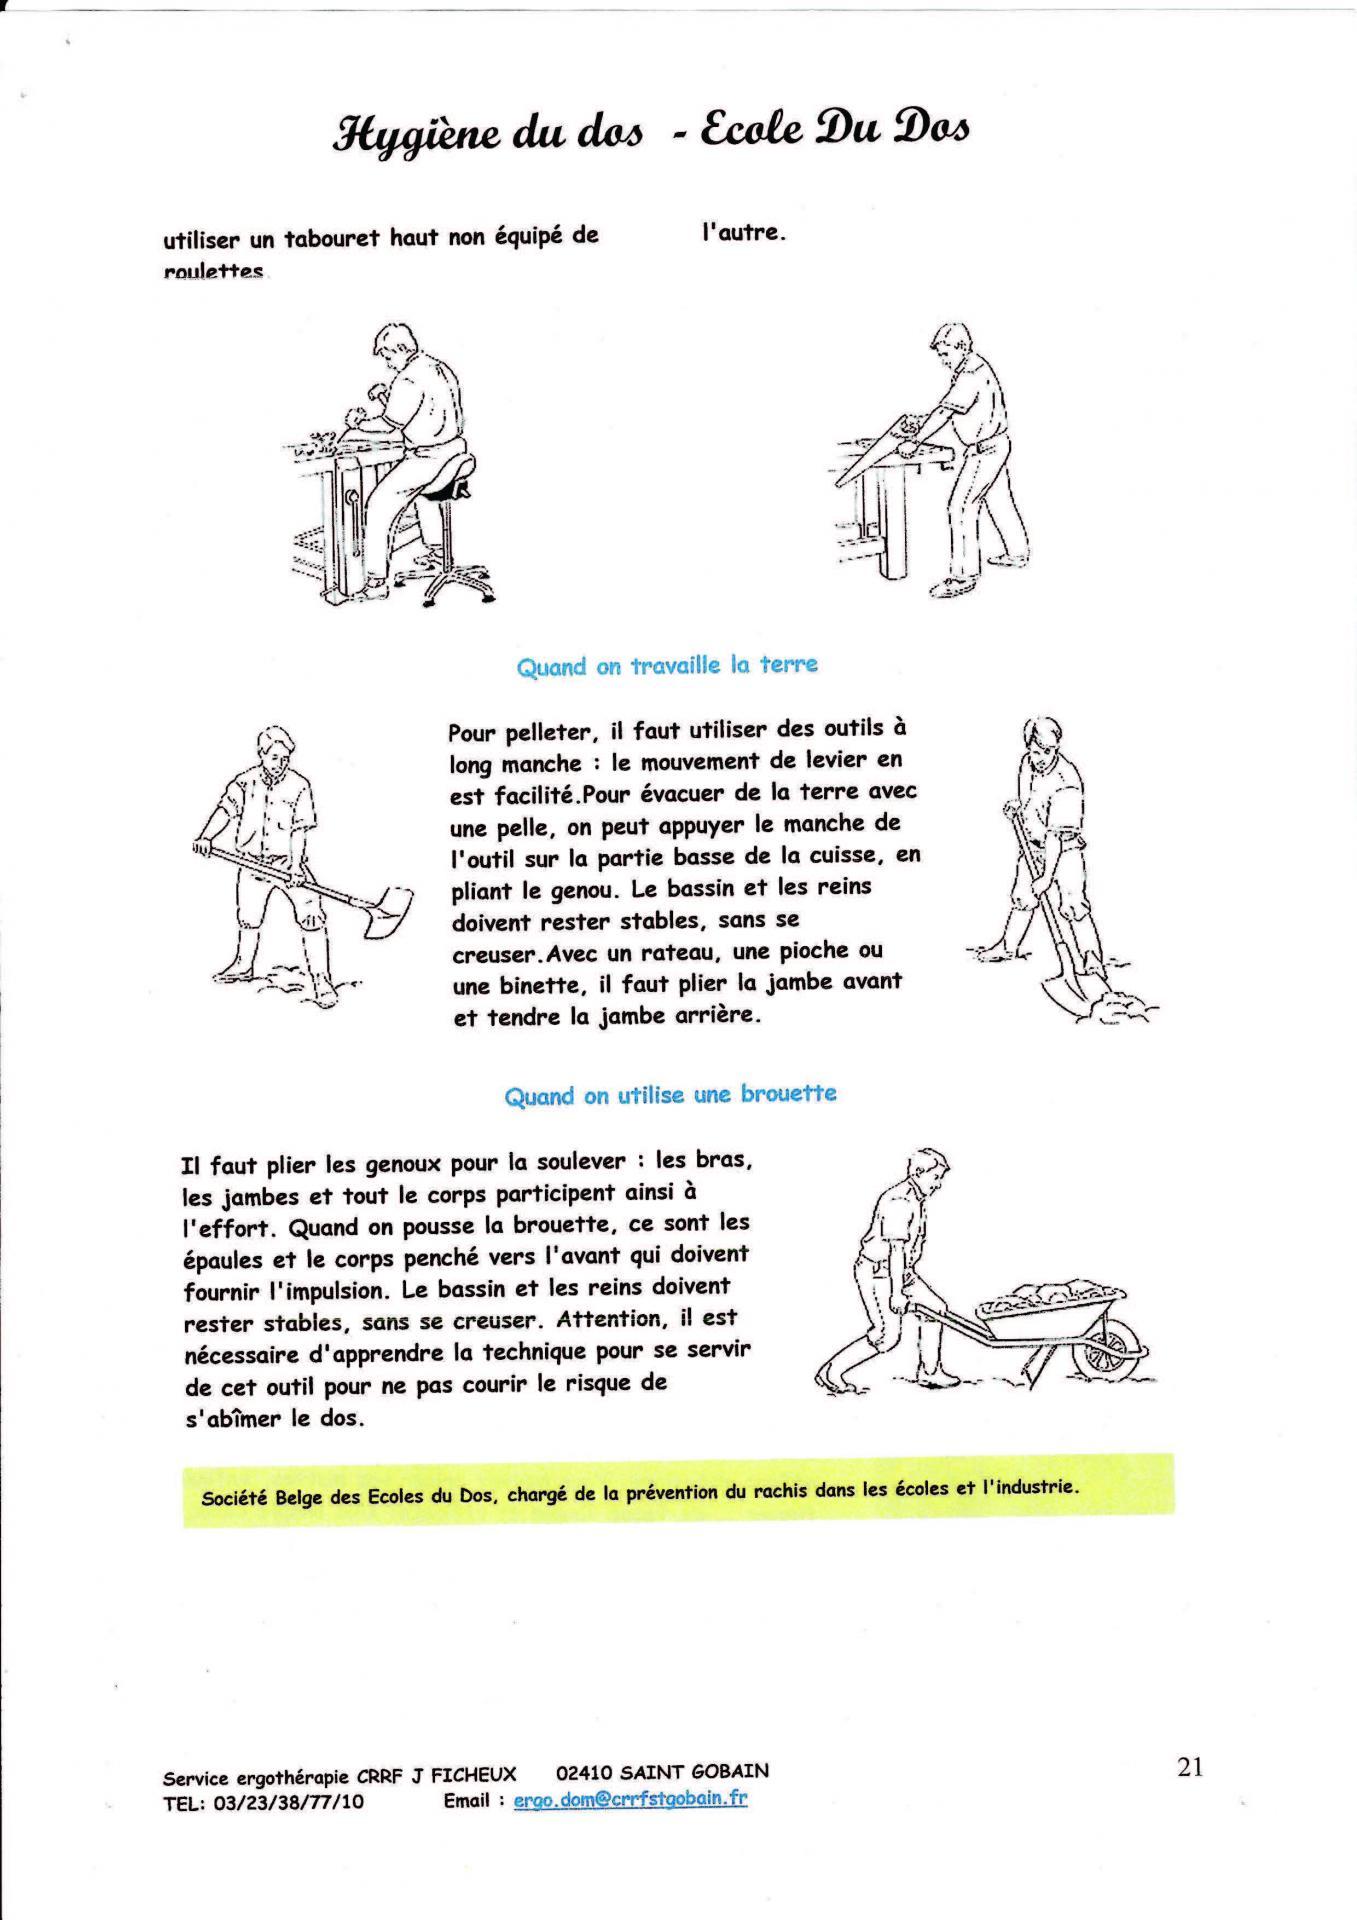 Ecole du dos pdfbis page 21